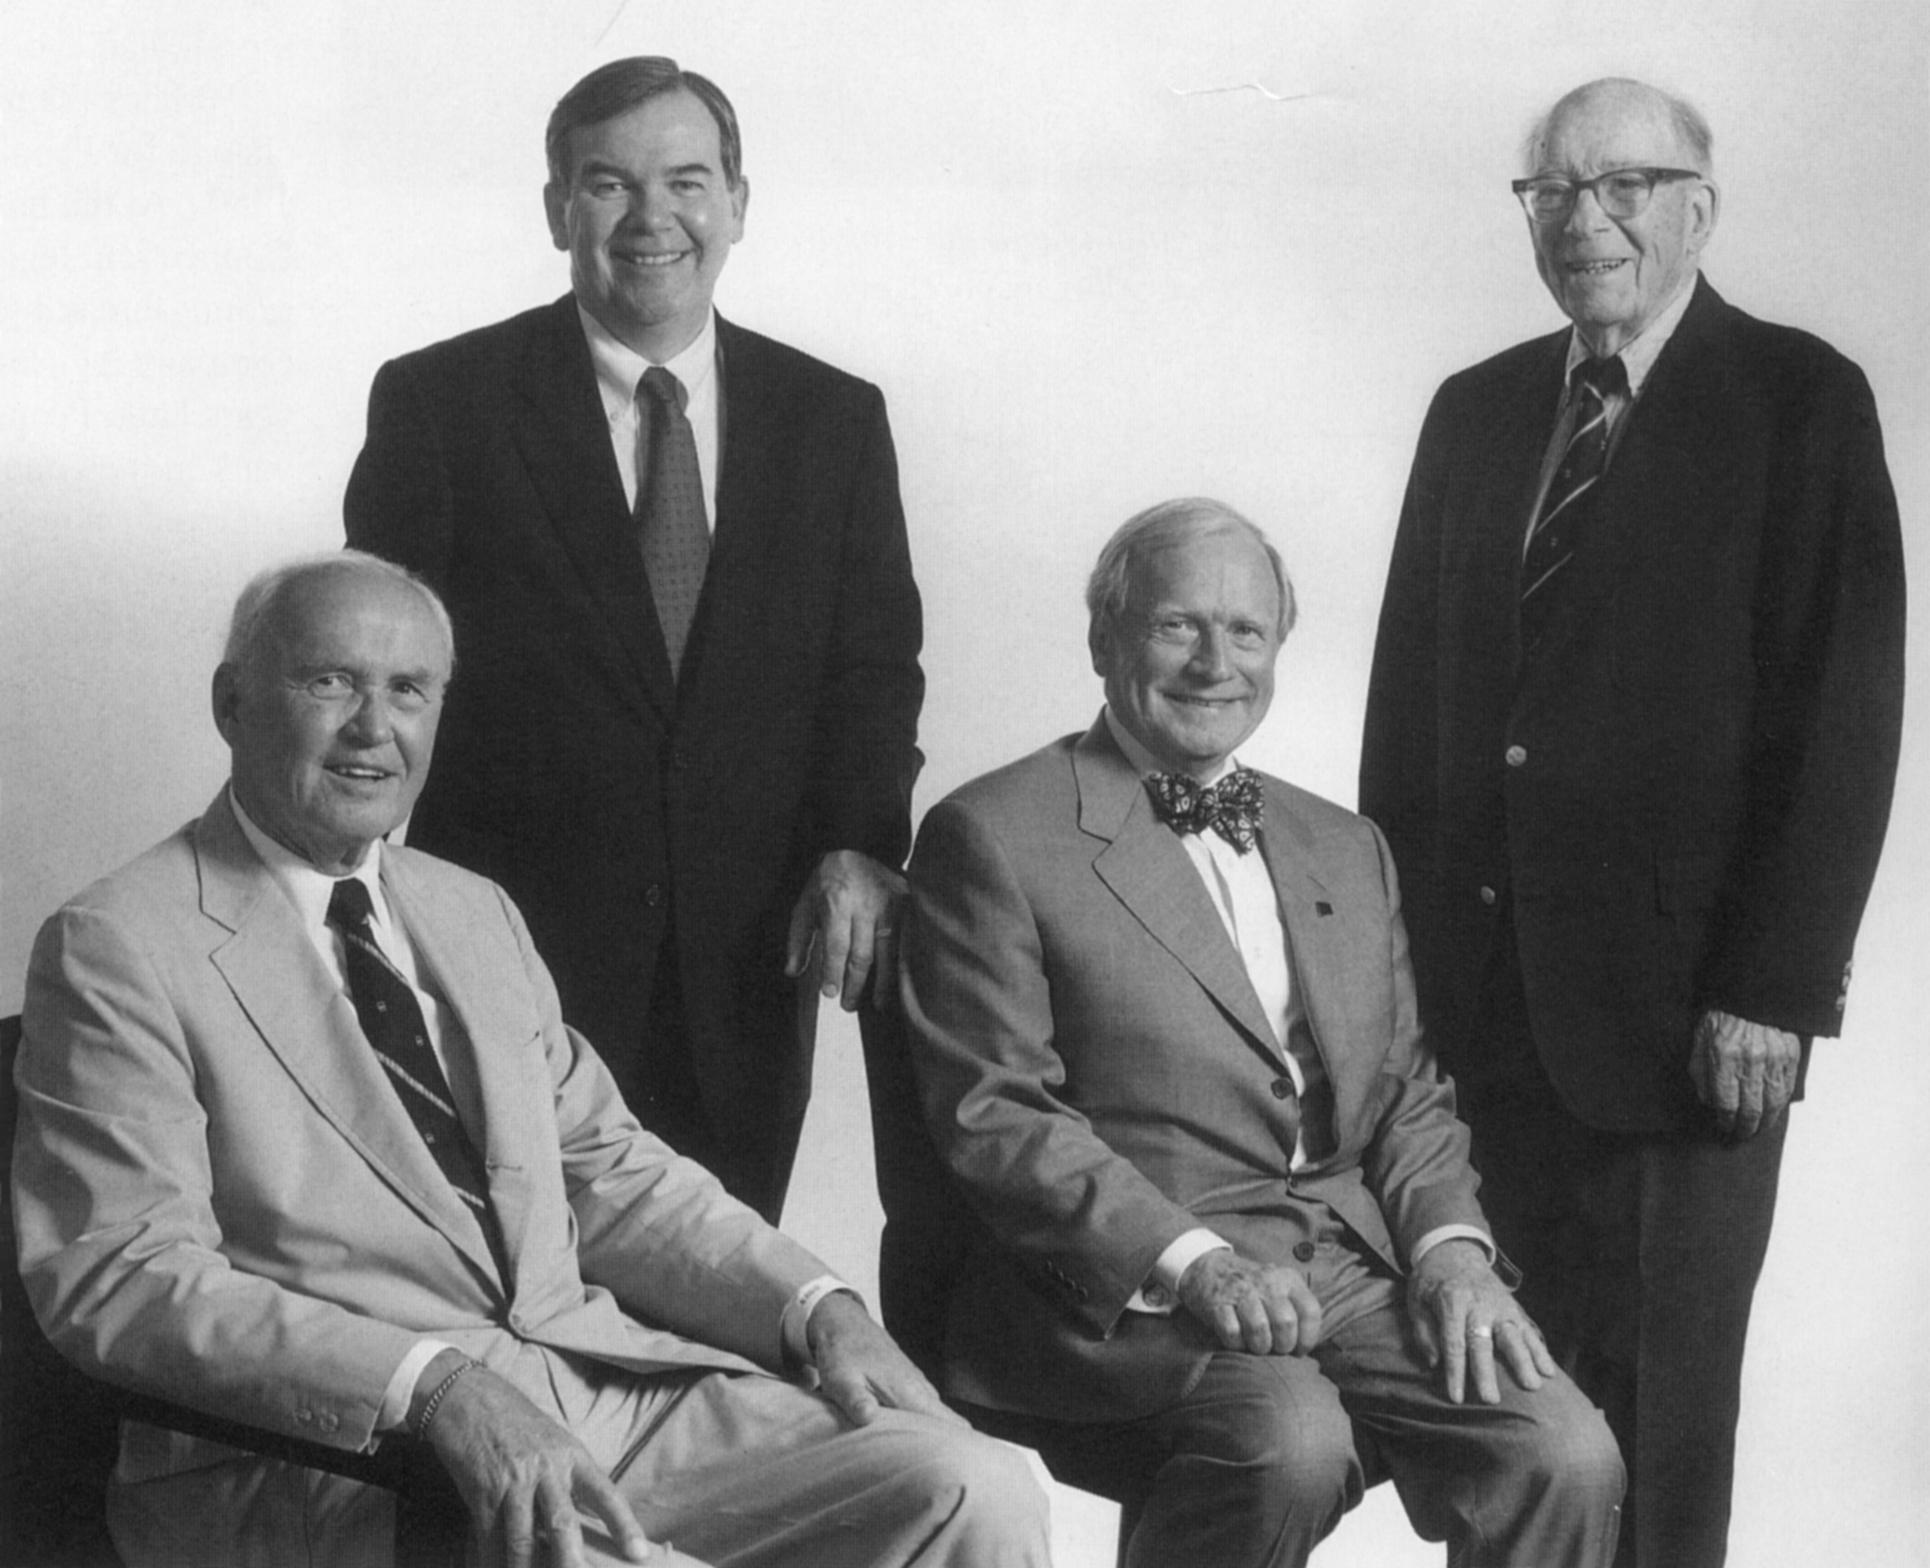 Goodspeed, Klein, Carson, Hawley